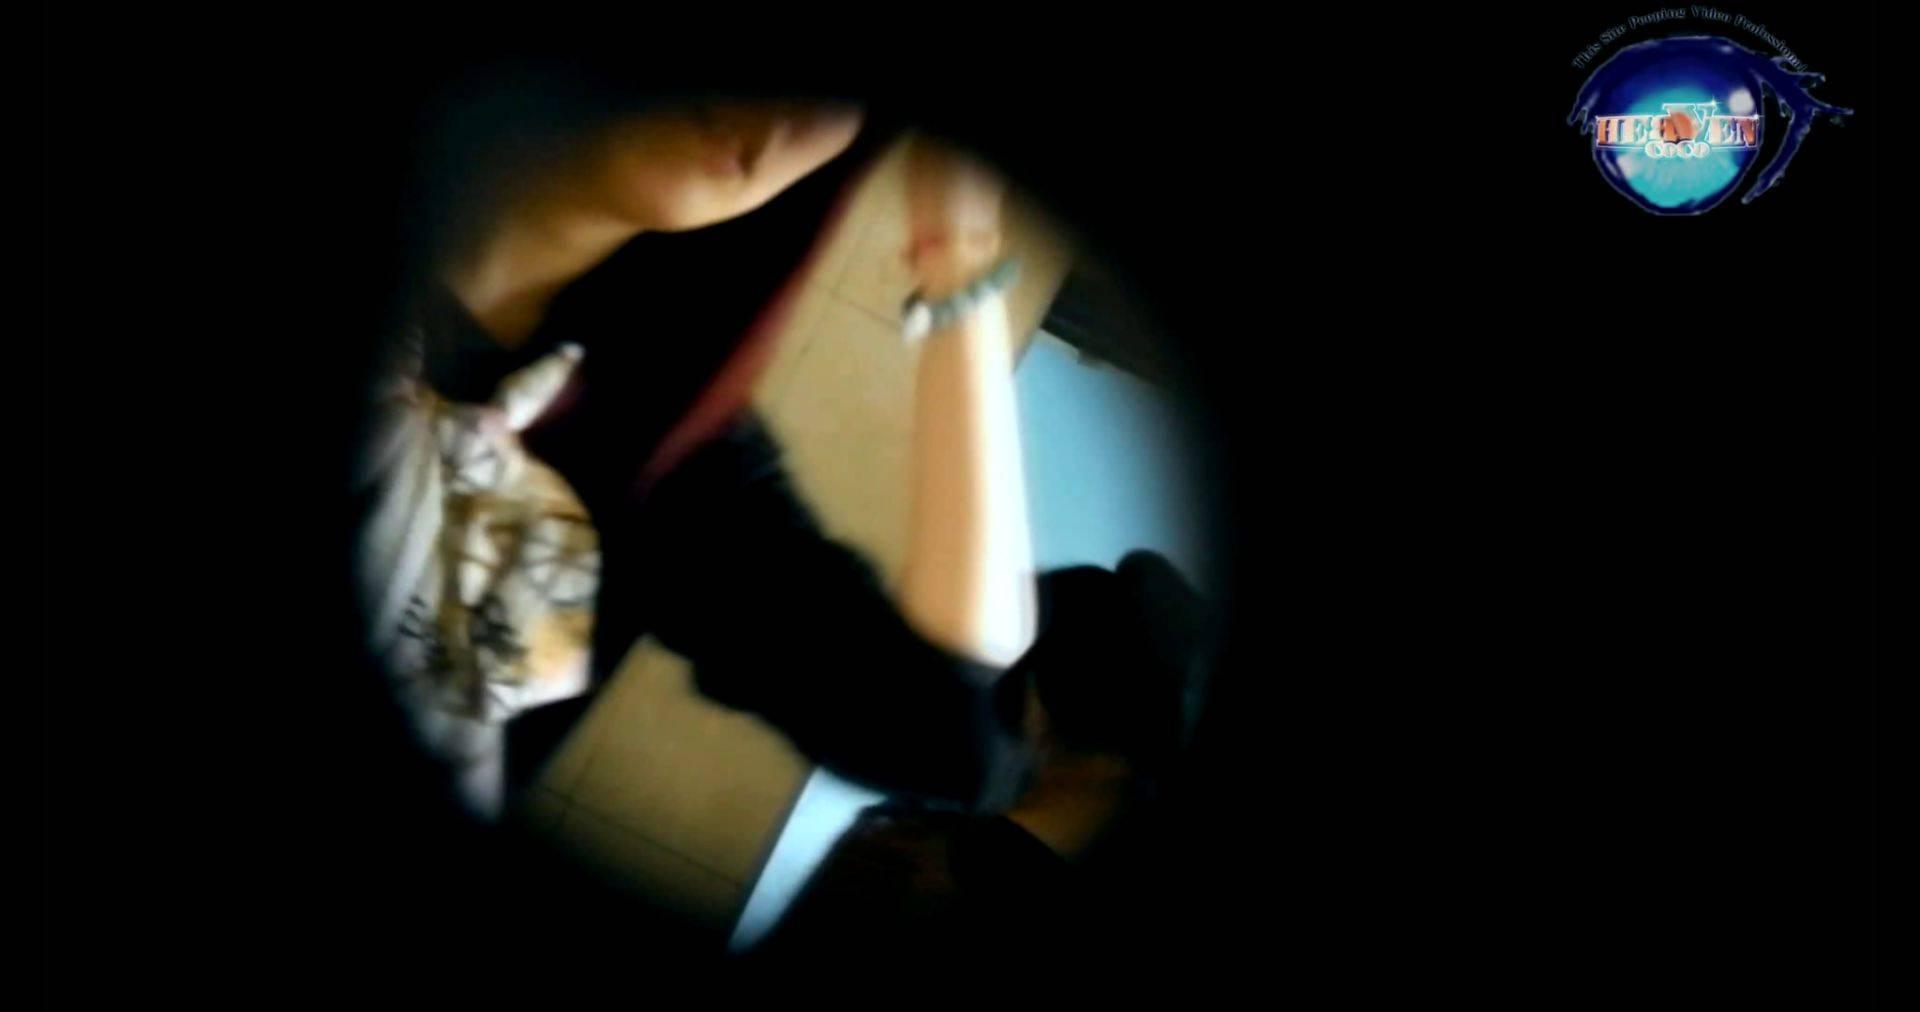 世界の射窓から~ステーション編~vol.36 無料動画に登場したトップクラスモデル本番へ 本番 おまんこ無修正動画無料 69枚 34